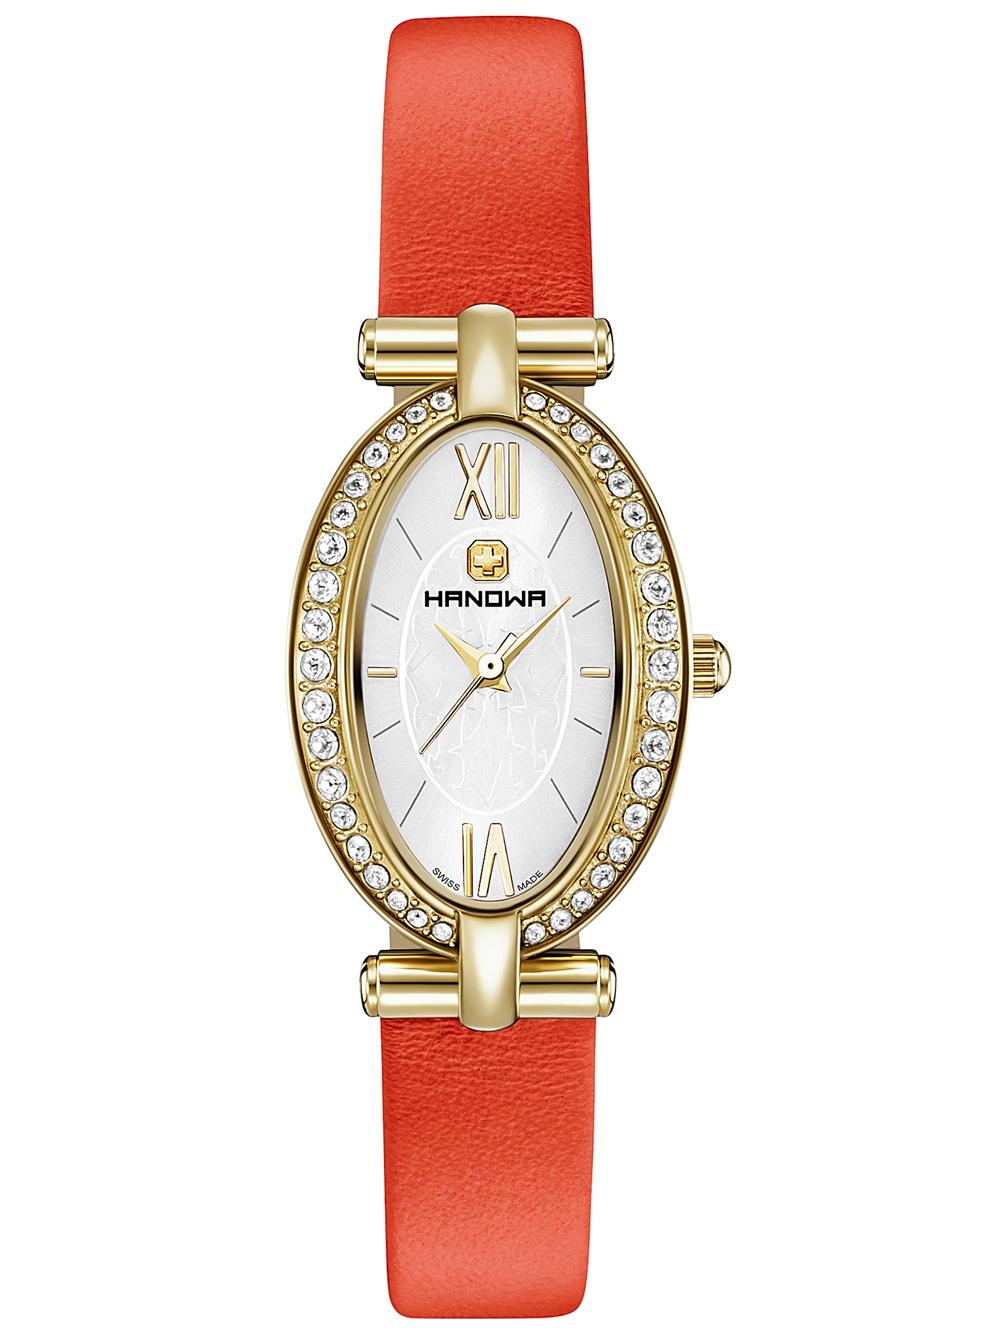 Uhren - Hanowa 16 6074.02.001 Millie Damen 22mm 3ATM  - Onlineshop Timeshop24